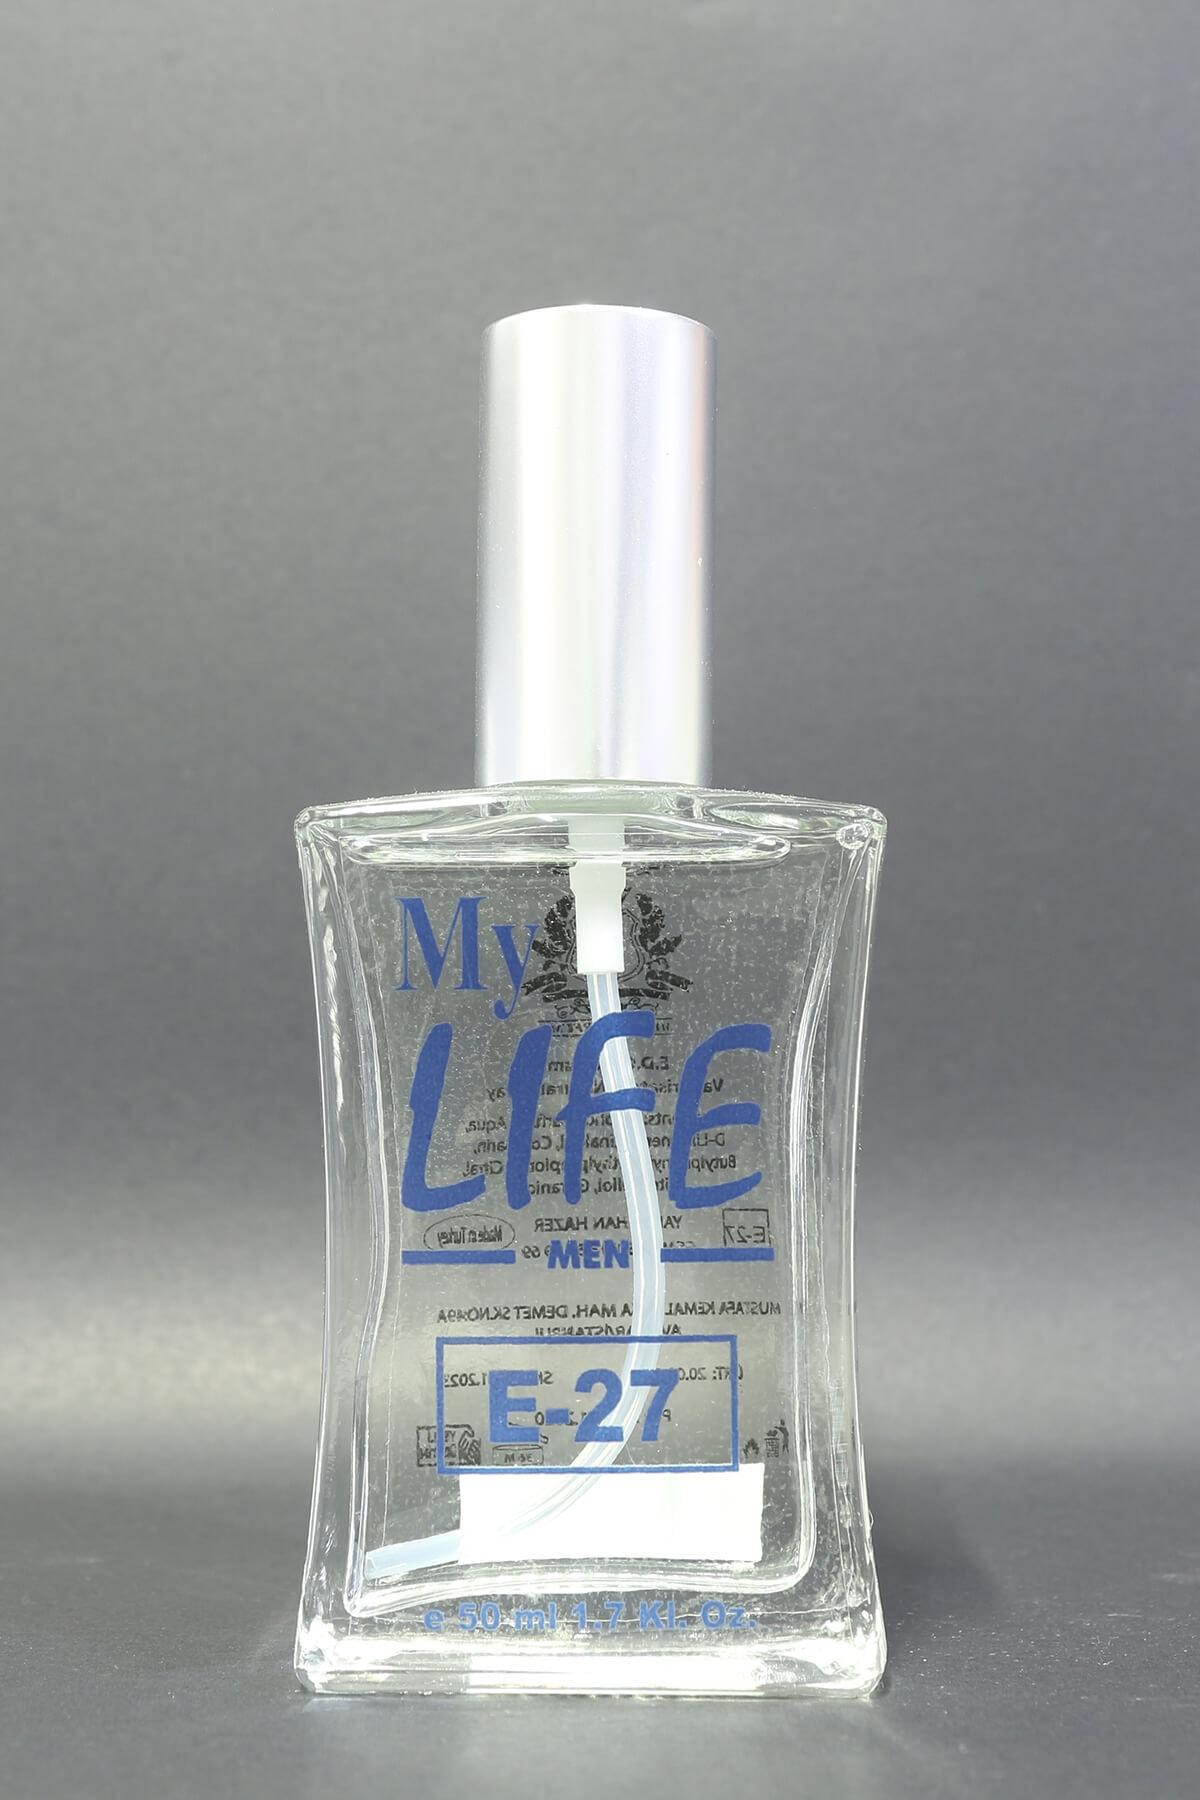 Açık Erkek Parfumu Issey Mıyake Ml E-27